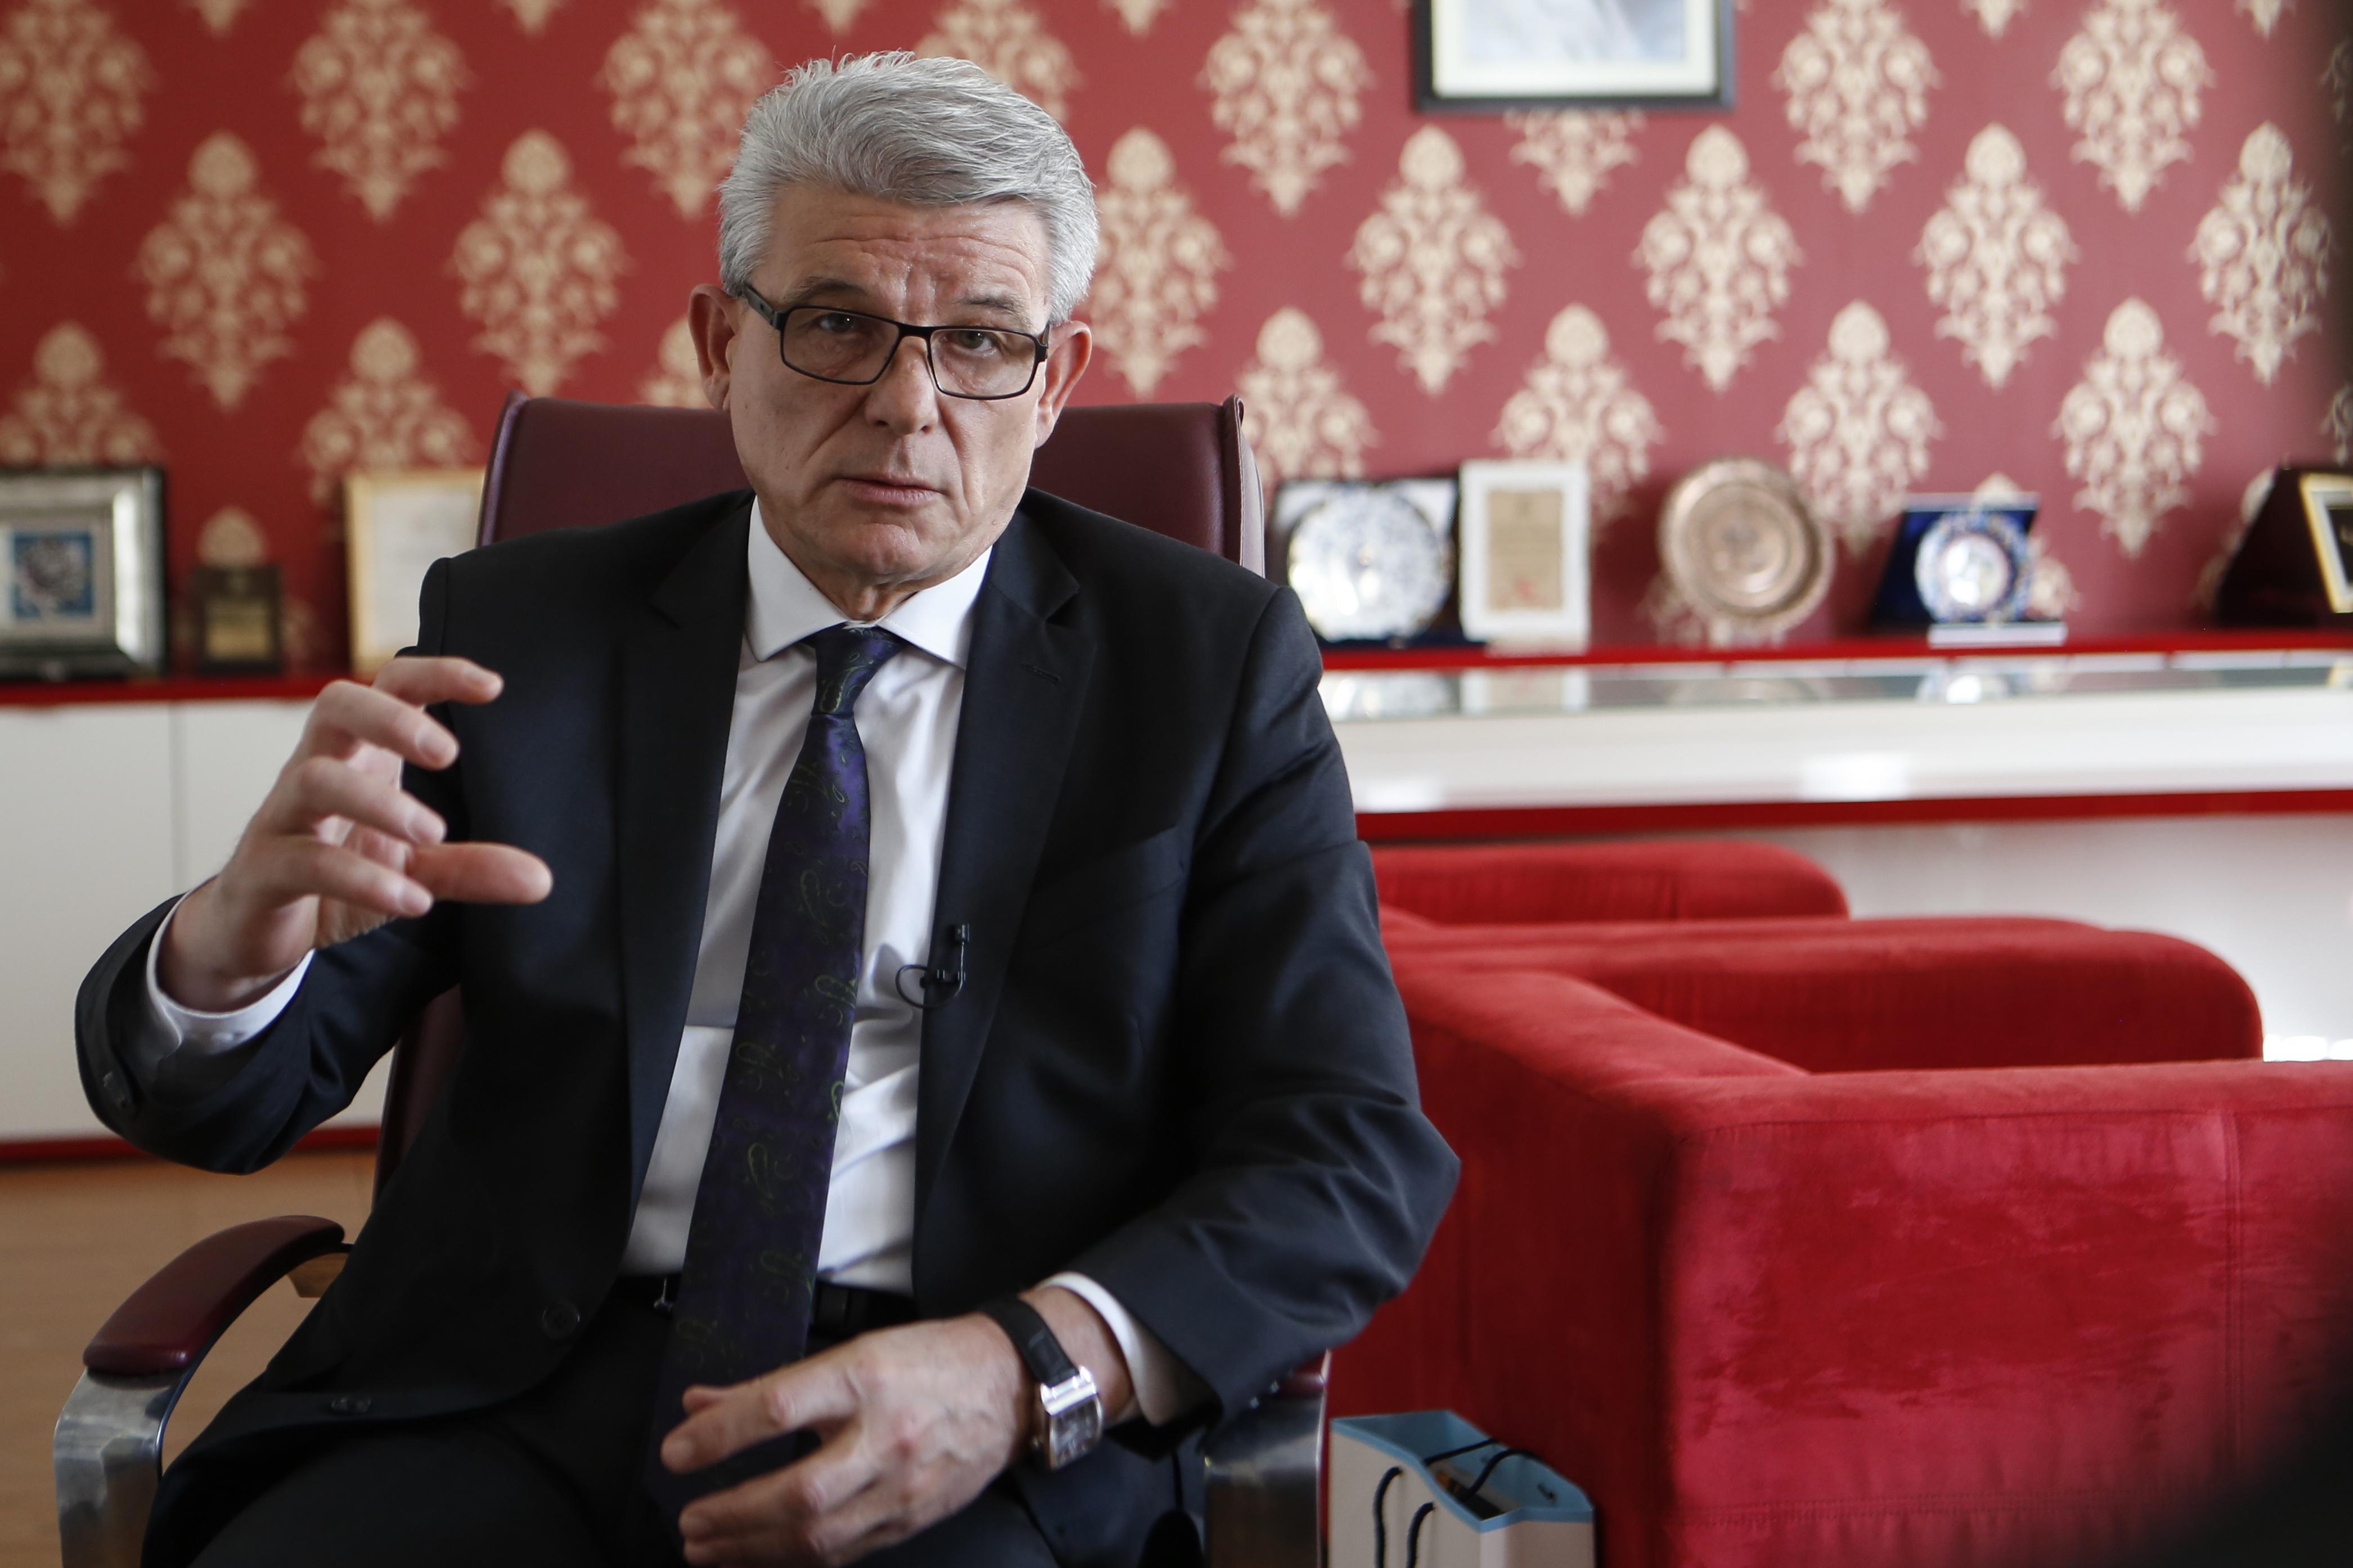 ZAŠTITA PORETKA! Džaferović: Dodiku je Ustavni sud BiH smetnja zbog potencijalnih odluka o odcjepljenju